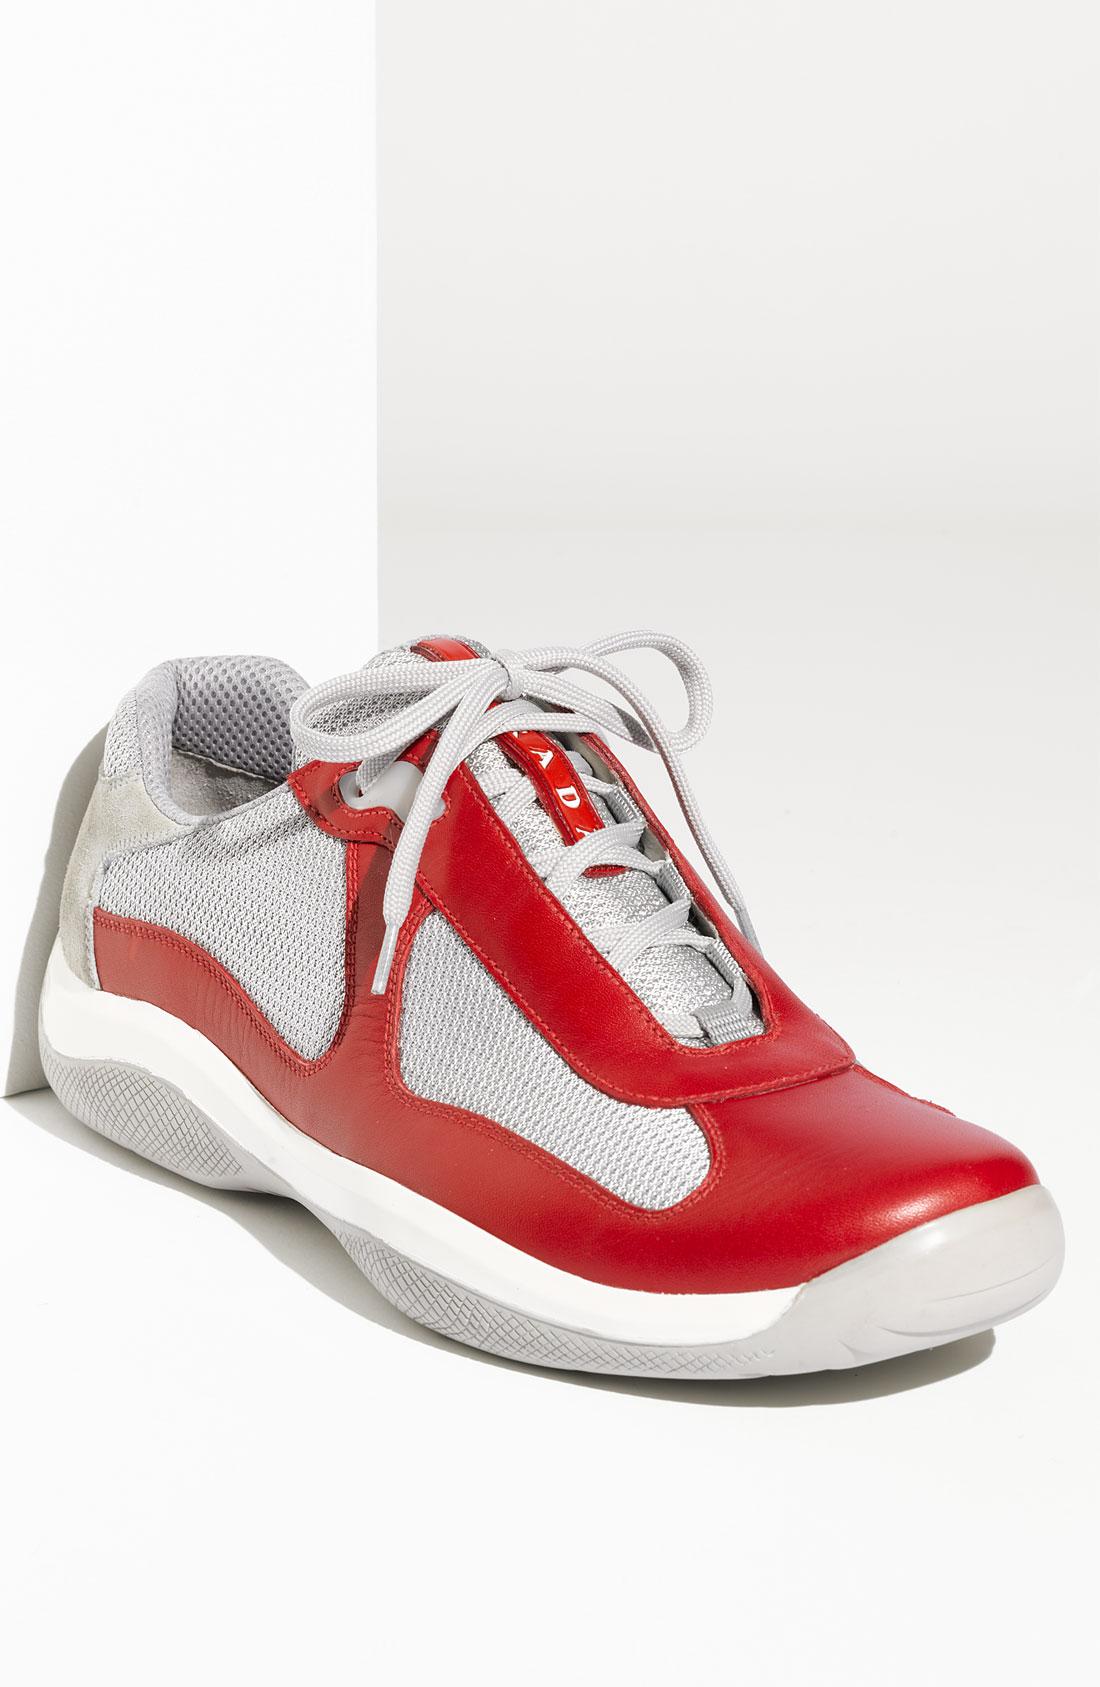 Ebay Shoes Adidas Prada Men